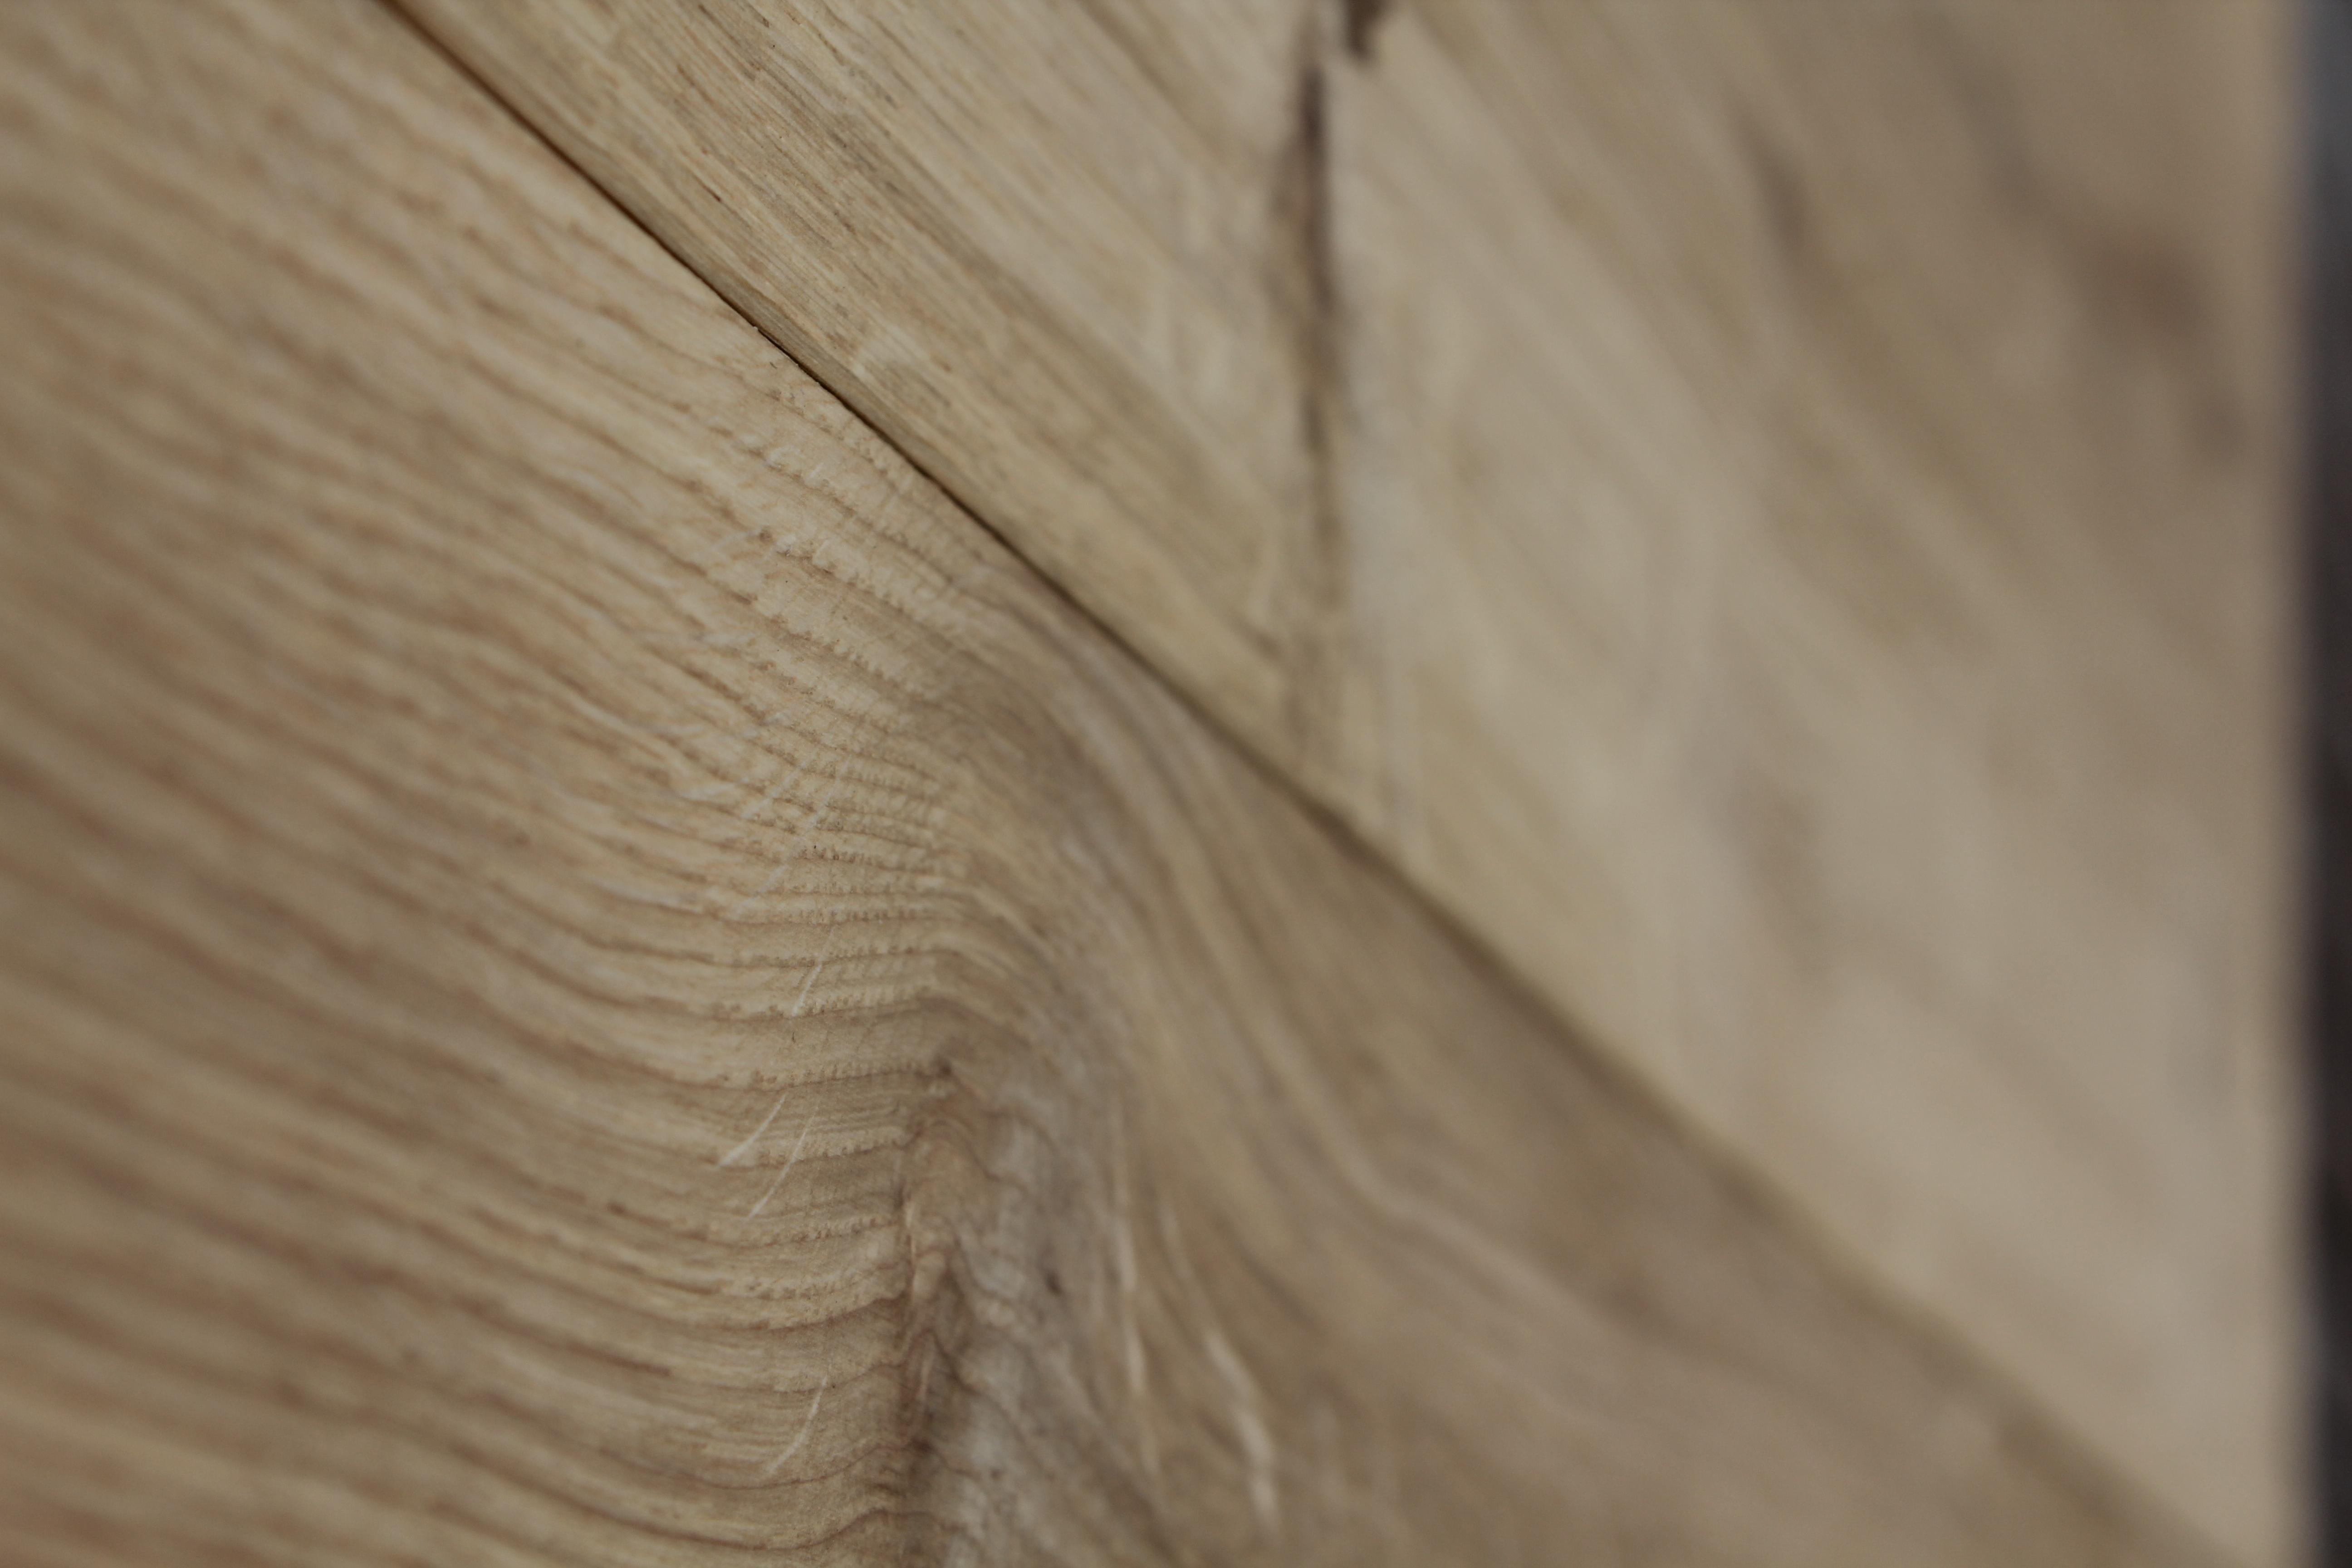 Oude Vloeren Kopen : Echte oude plankenvloer u gebroeders janssen